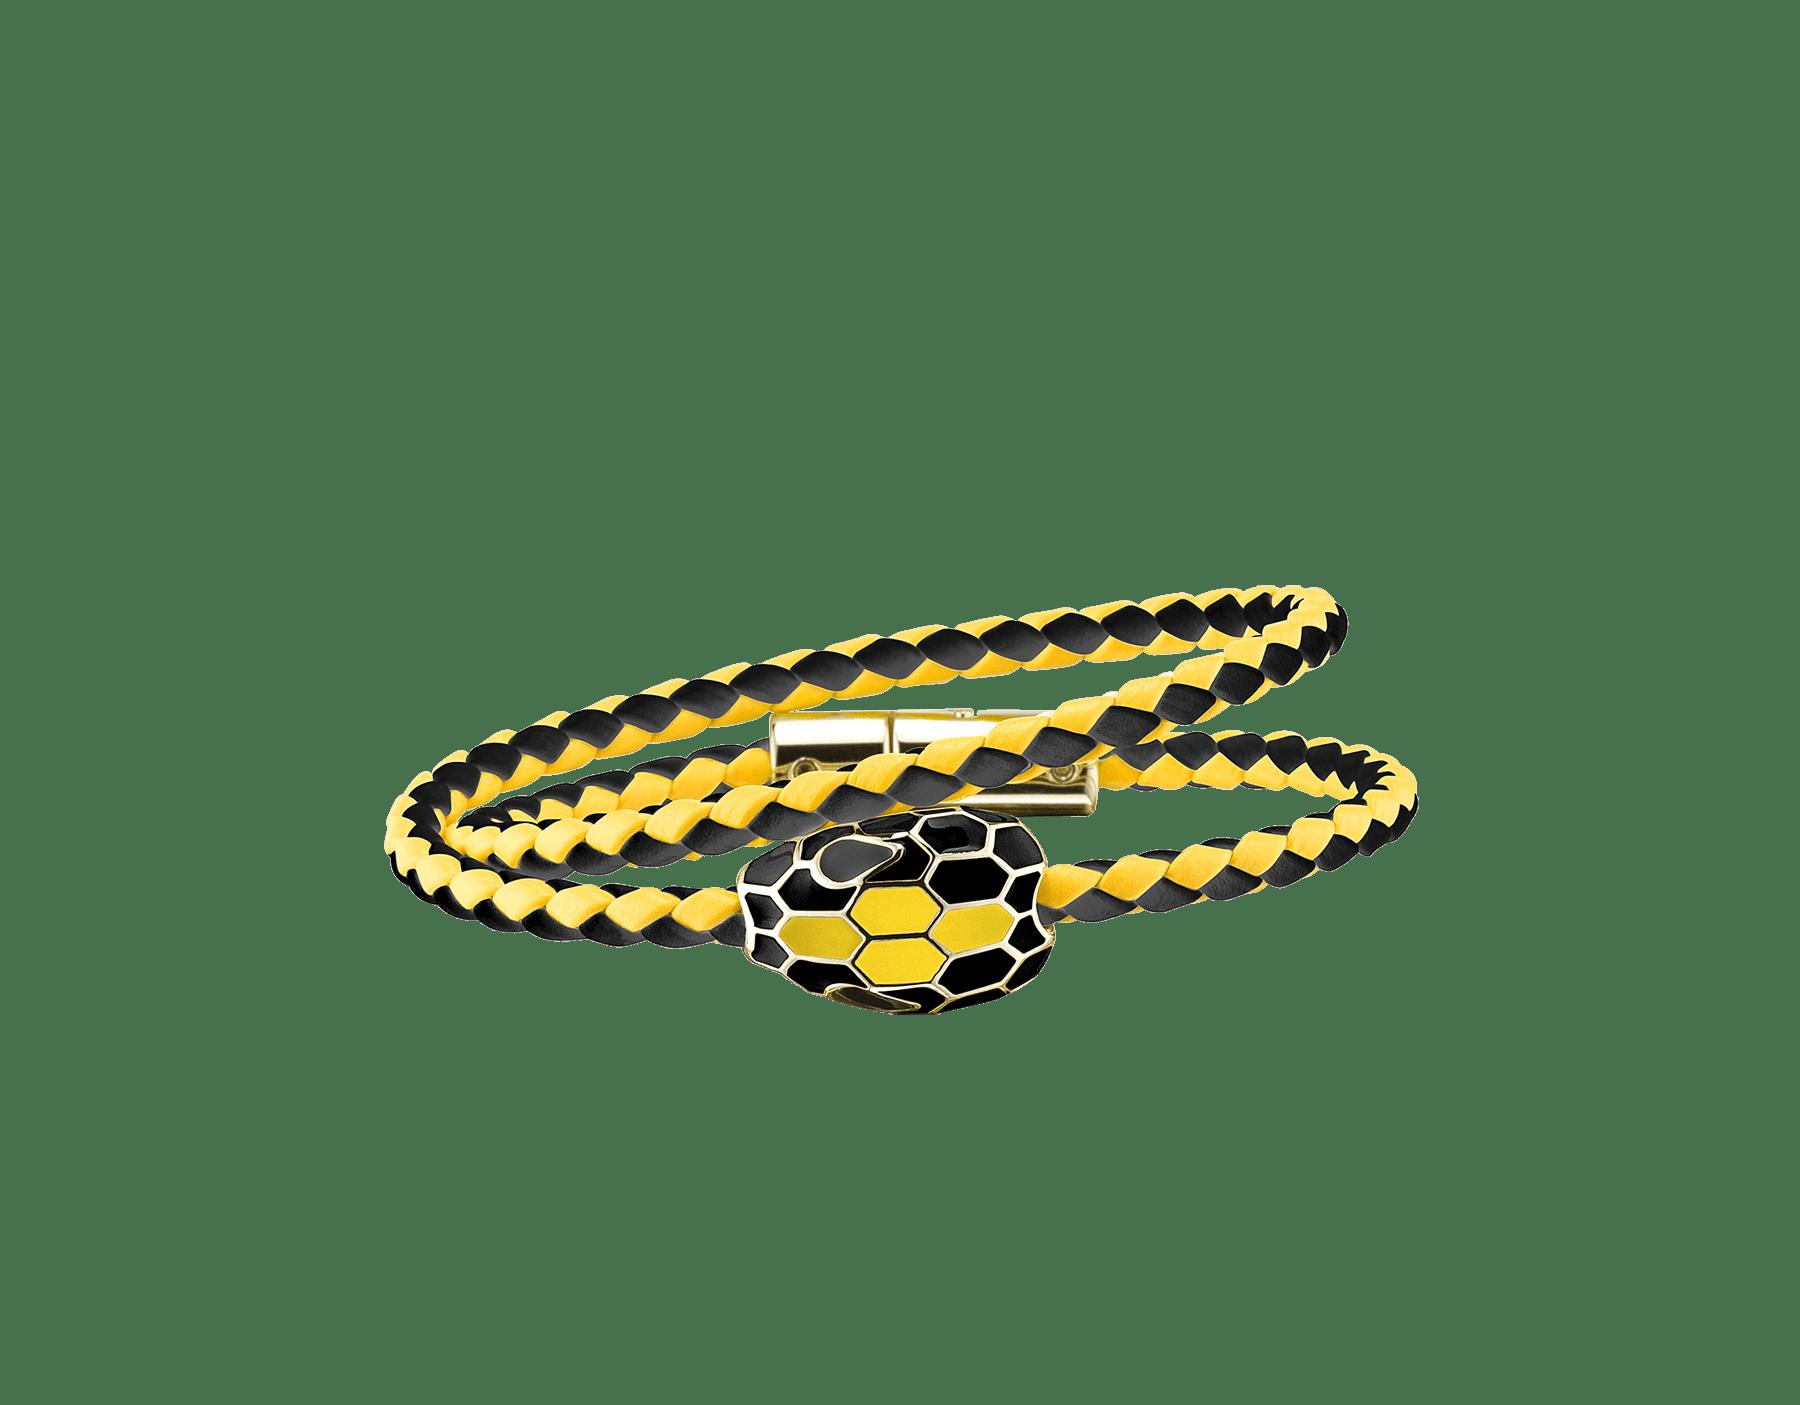 Bracelet tressé multi-tours Serpenti Forever en cuir de veau tressé noir et couleur Daisy Topaz avec motif Serpenti emblématique en émail noir et couleur Daisy Topaz et yeux en émail noir au charme envoûtant. SerpDoubleBraid-WCL-BDT image 1